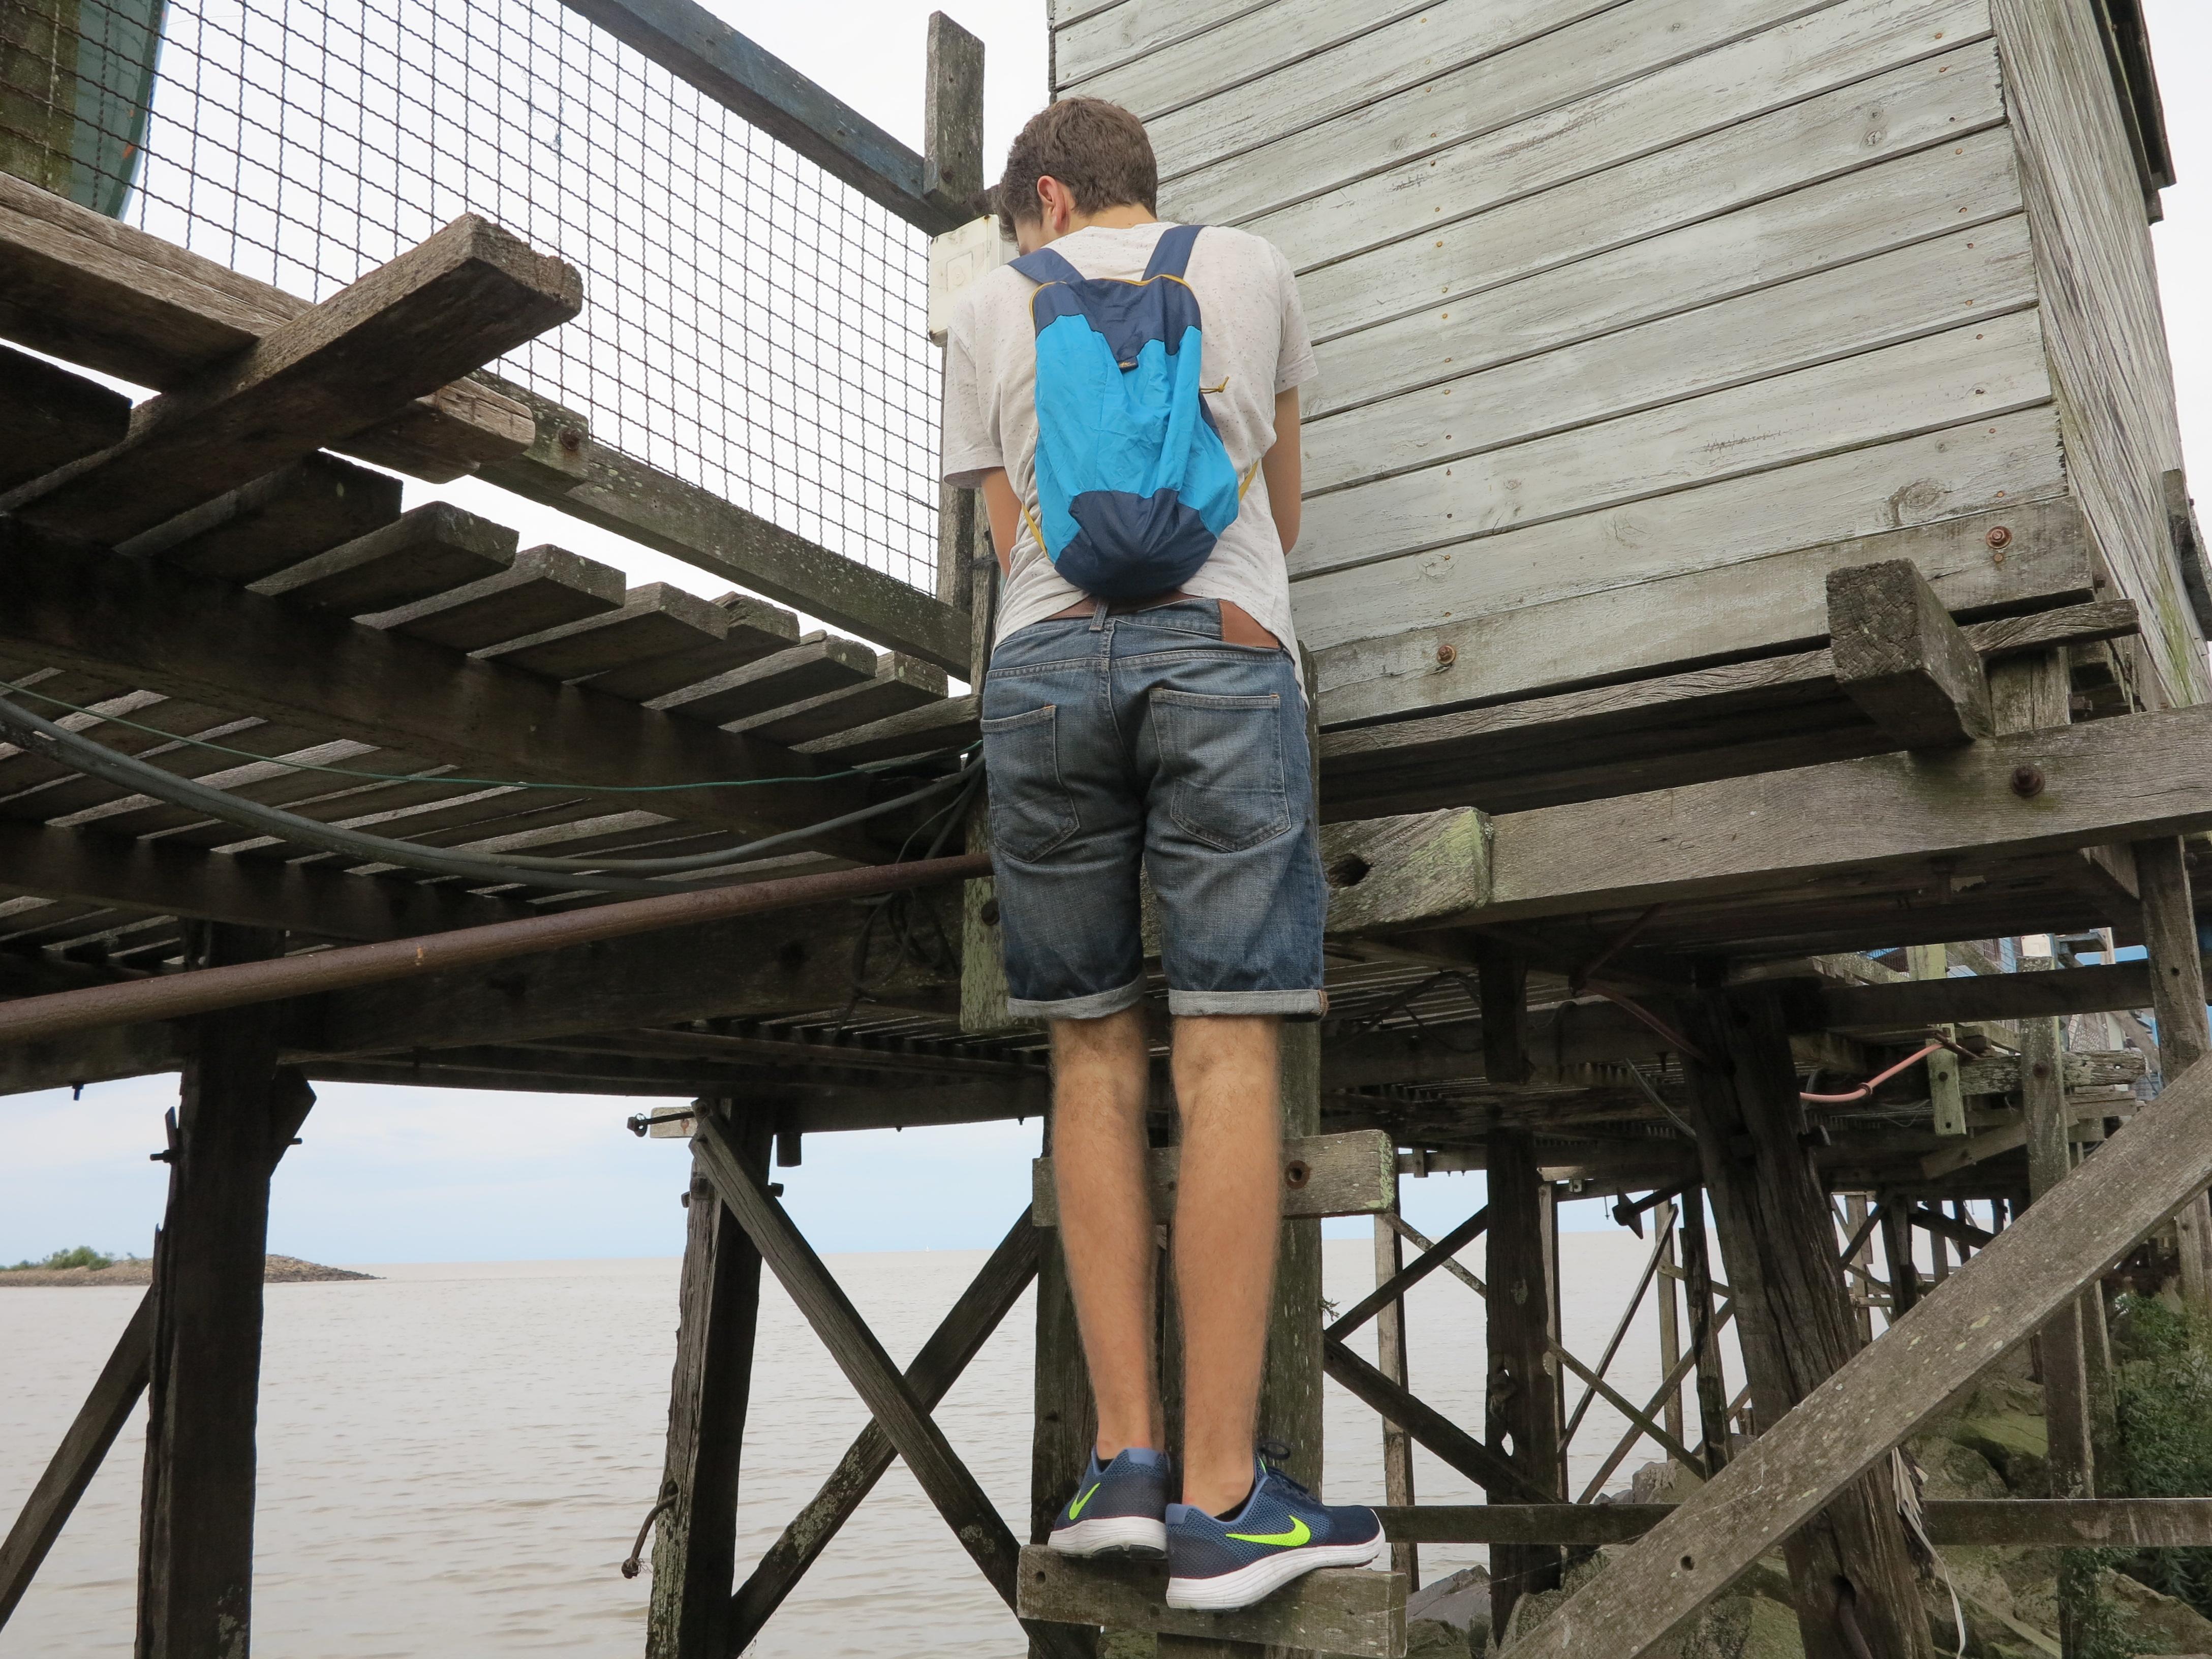 02.12.16 Auf den Steg klettern